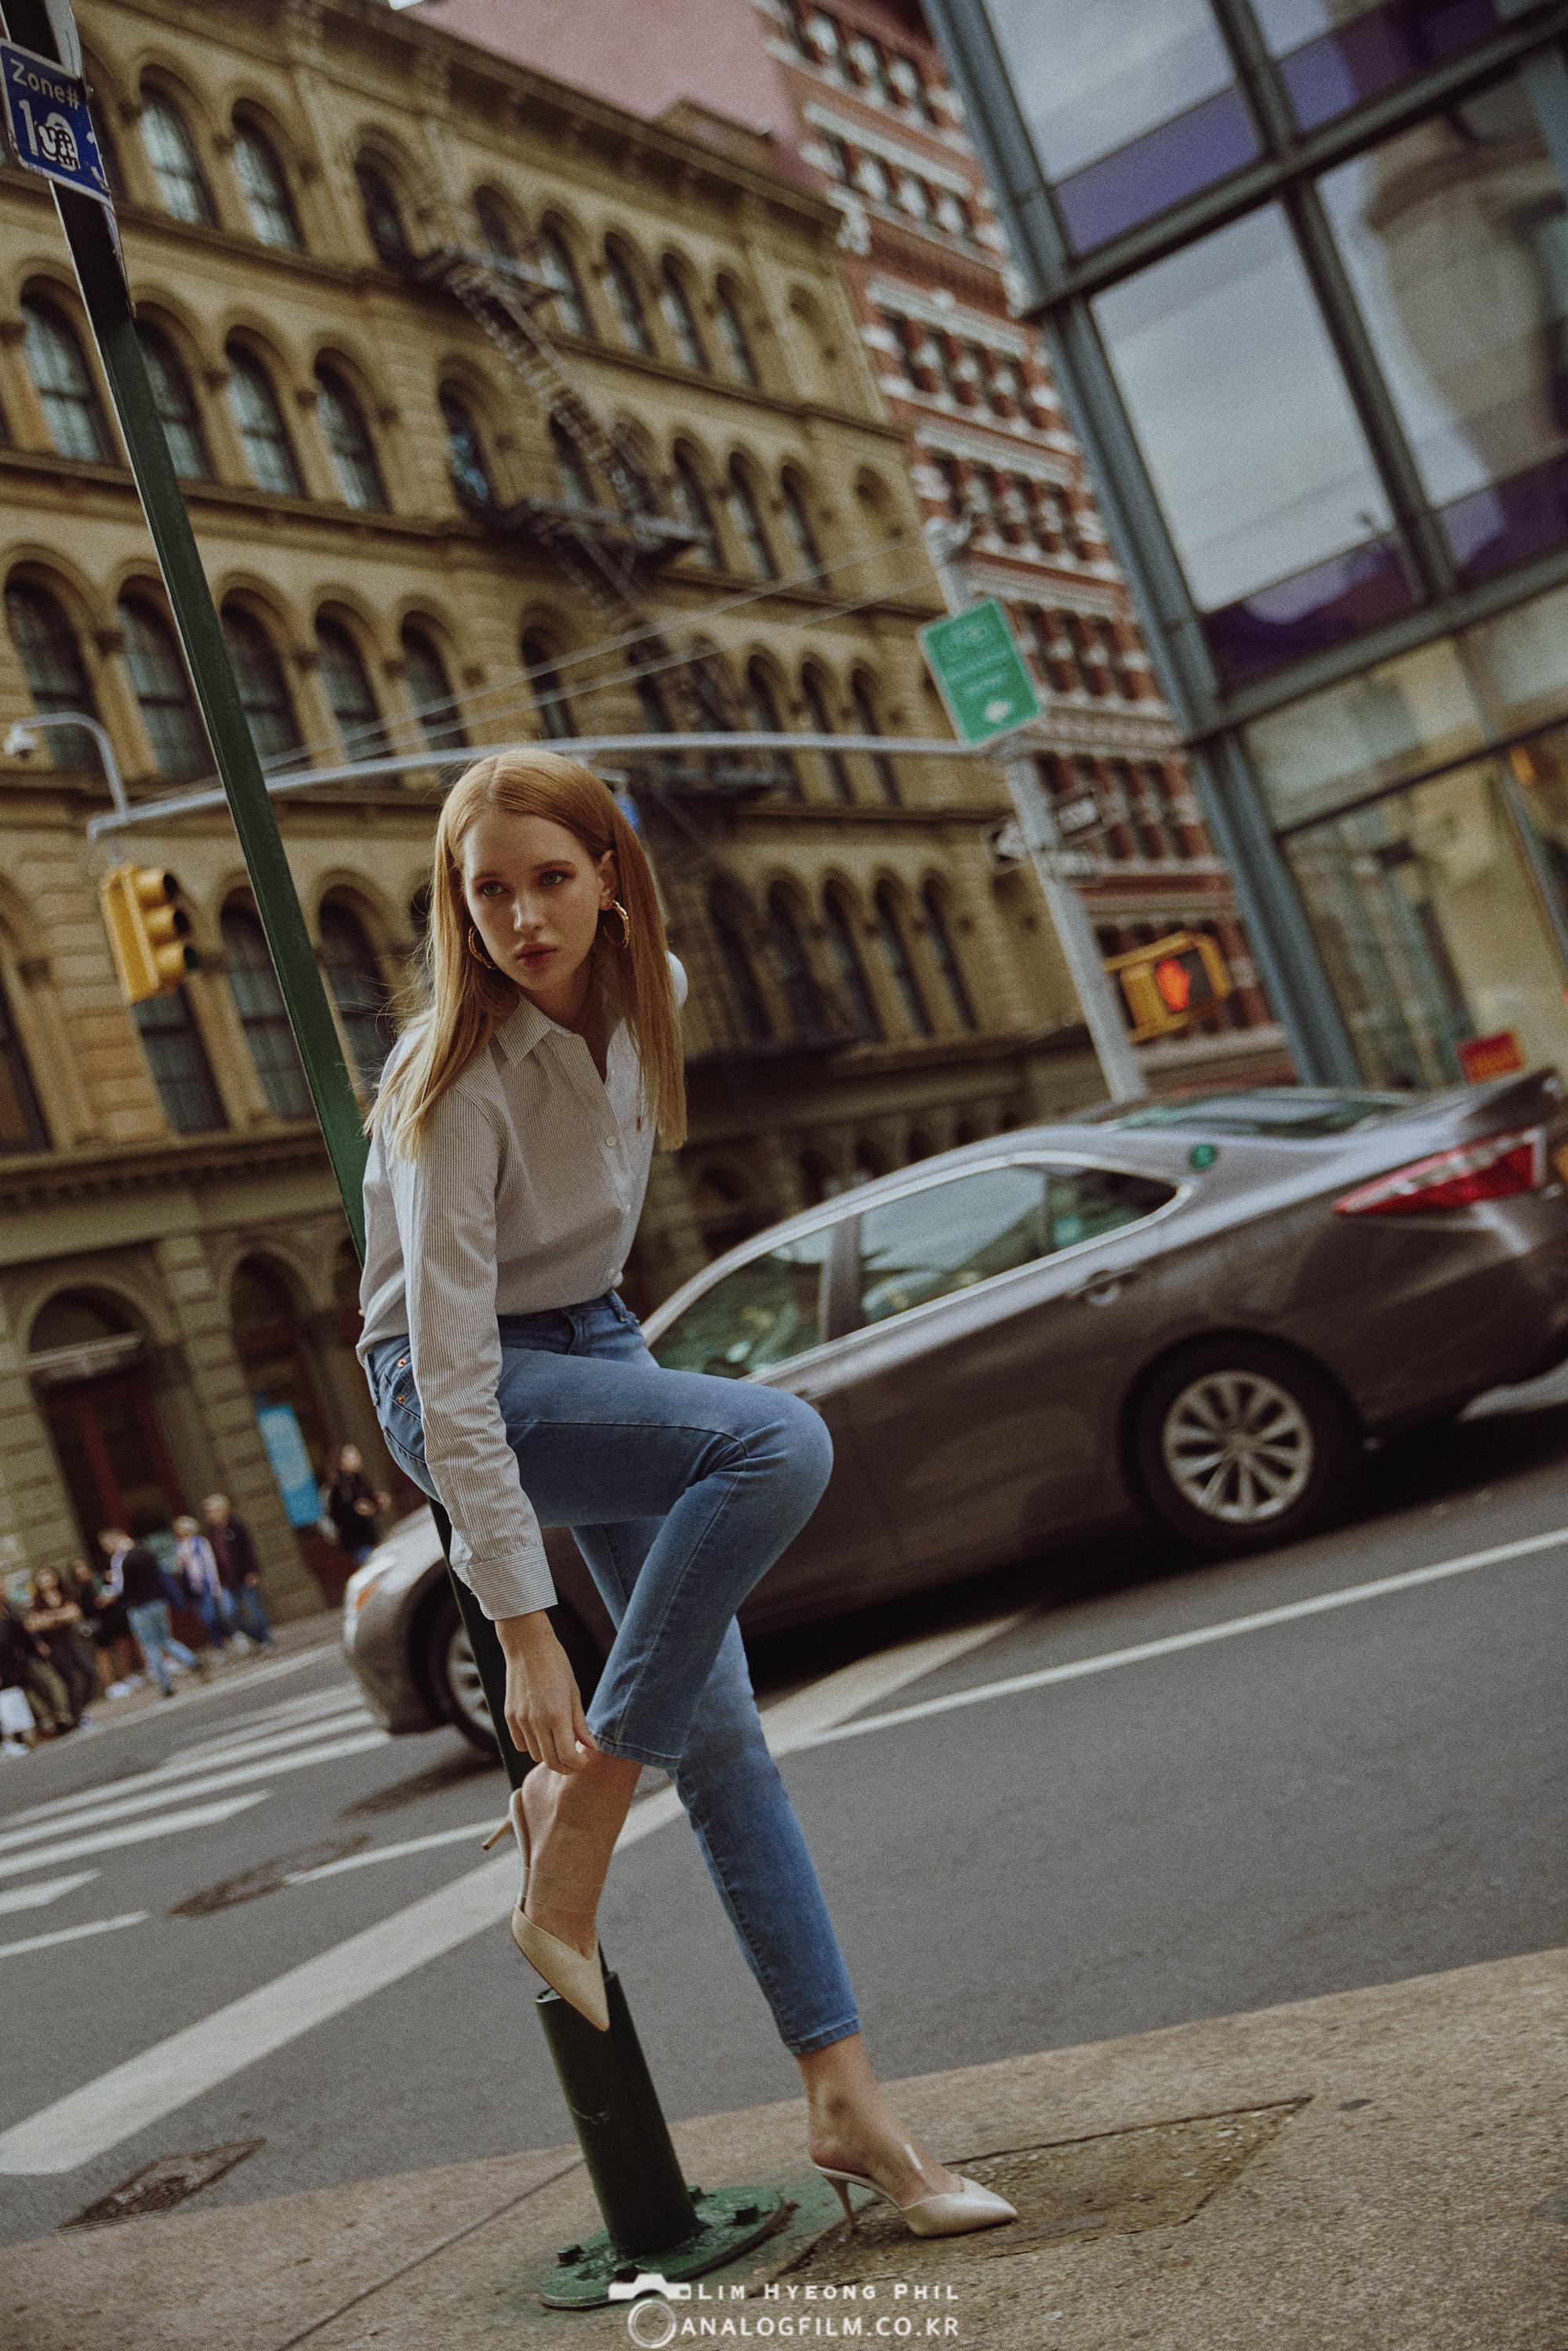 2020-01-11_newyork1527